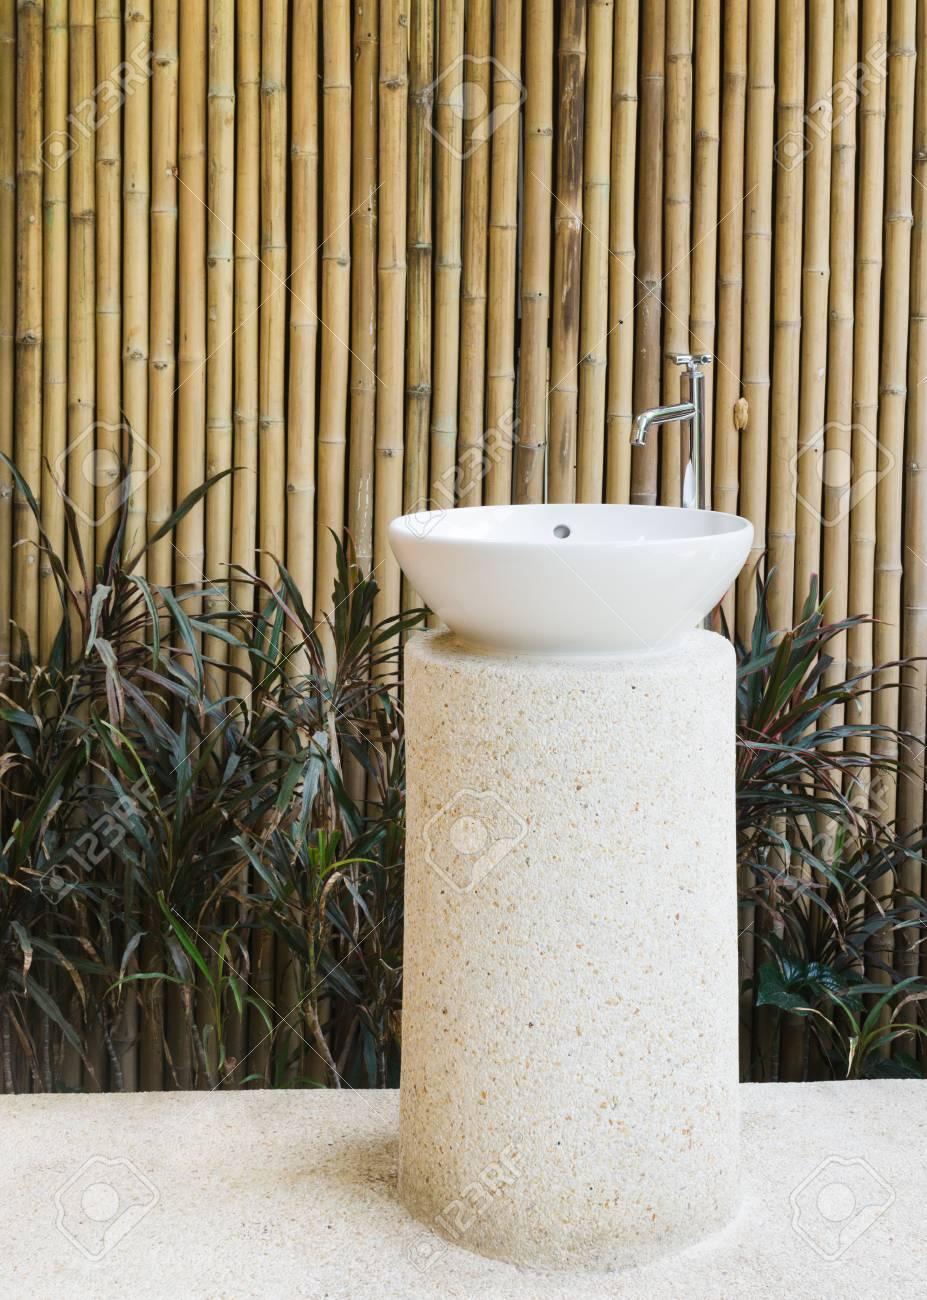 Idée de la décoration de la maison vasque en céramique extérieure et  robinet sur fond de mur de bambou dans le jardin